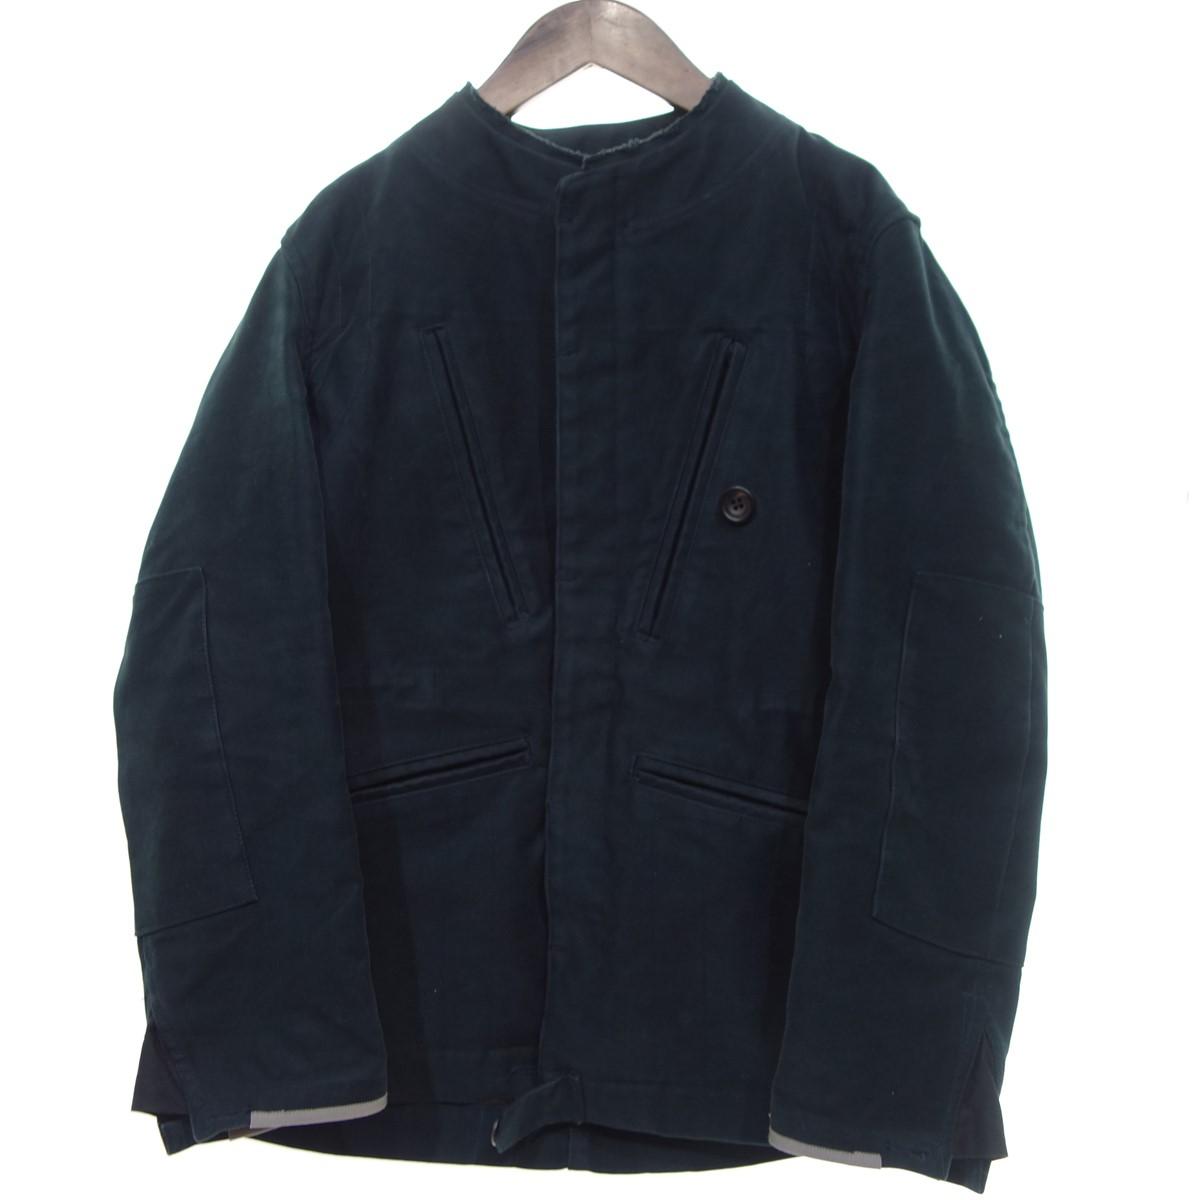 【中古】Quilp モールスキンノーカラージャケット ブラック サイズ:S 【251219】(クイルプ)